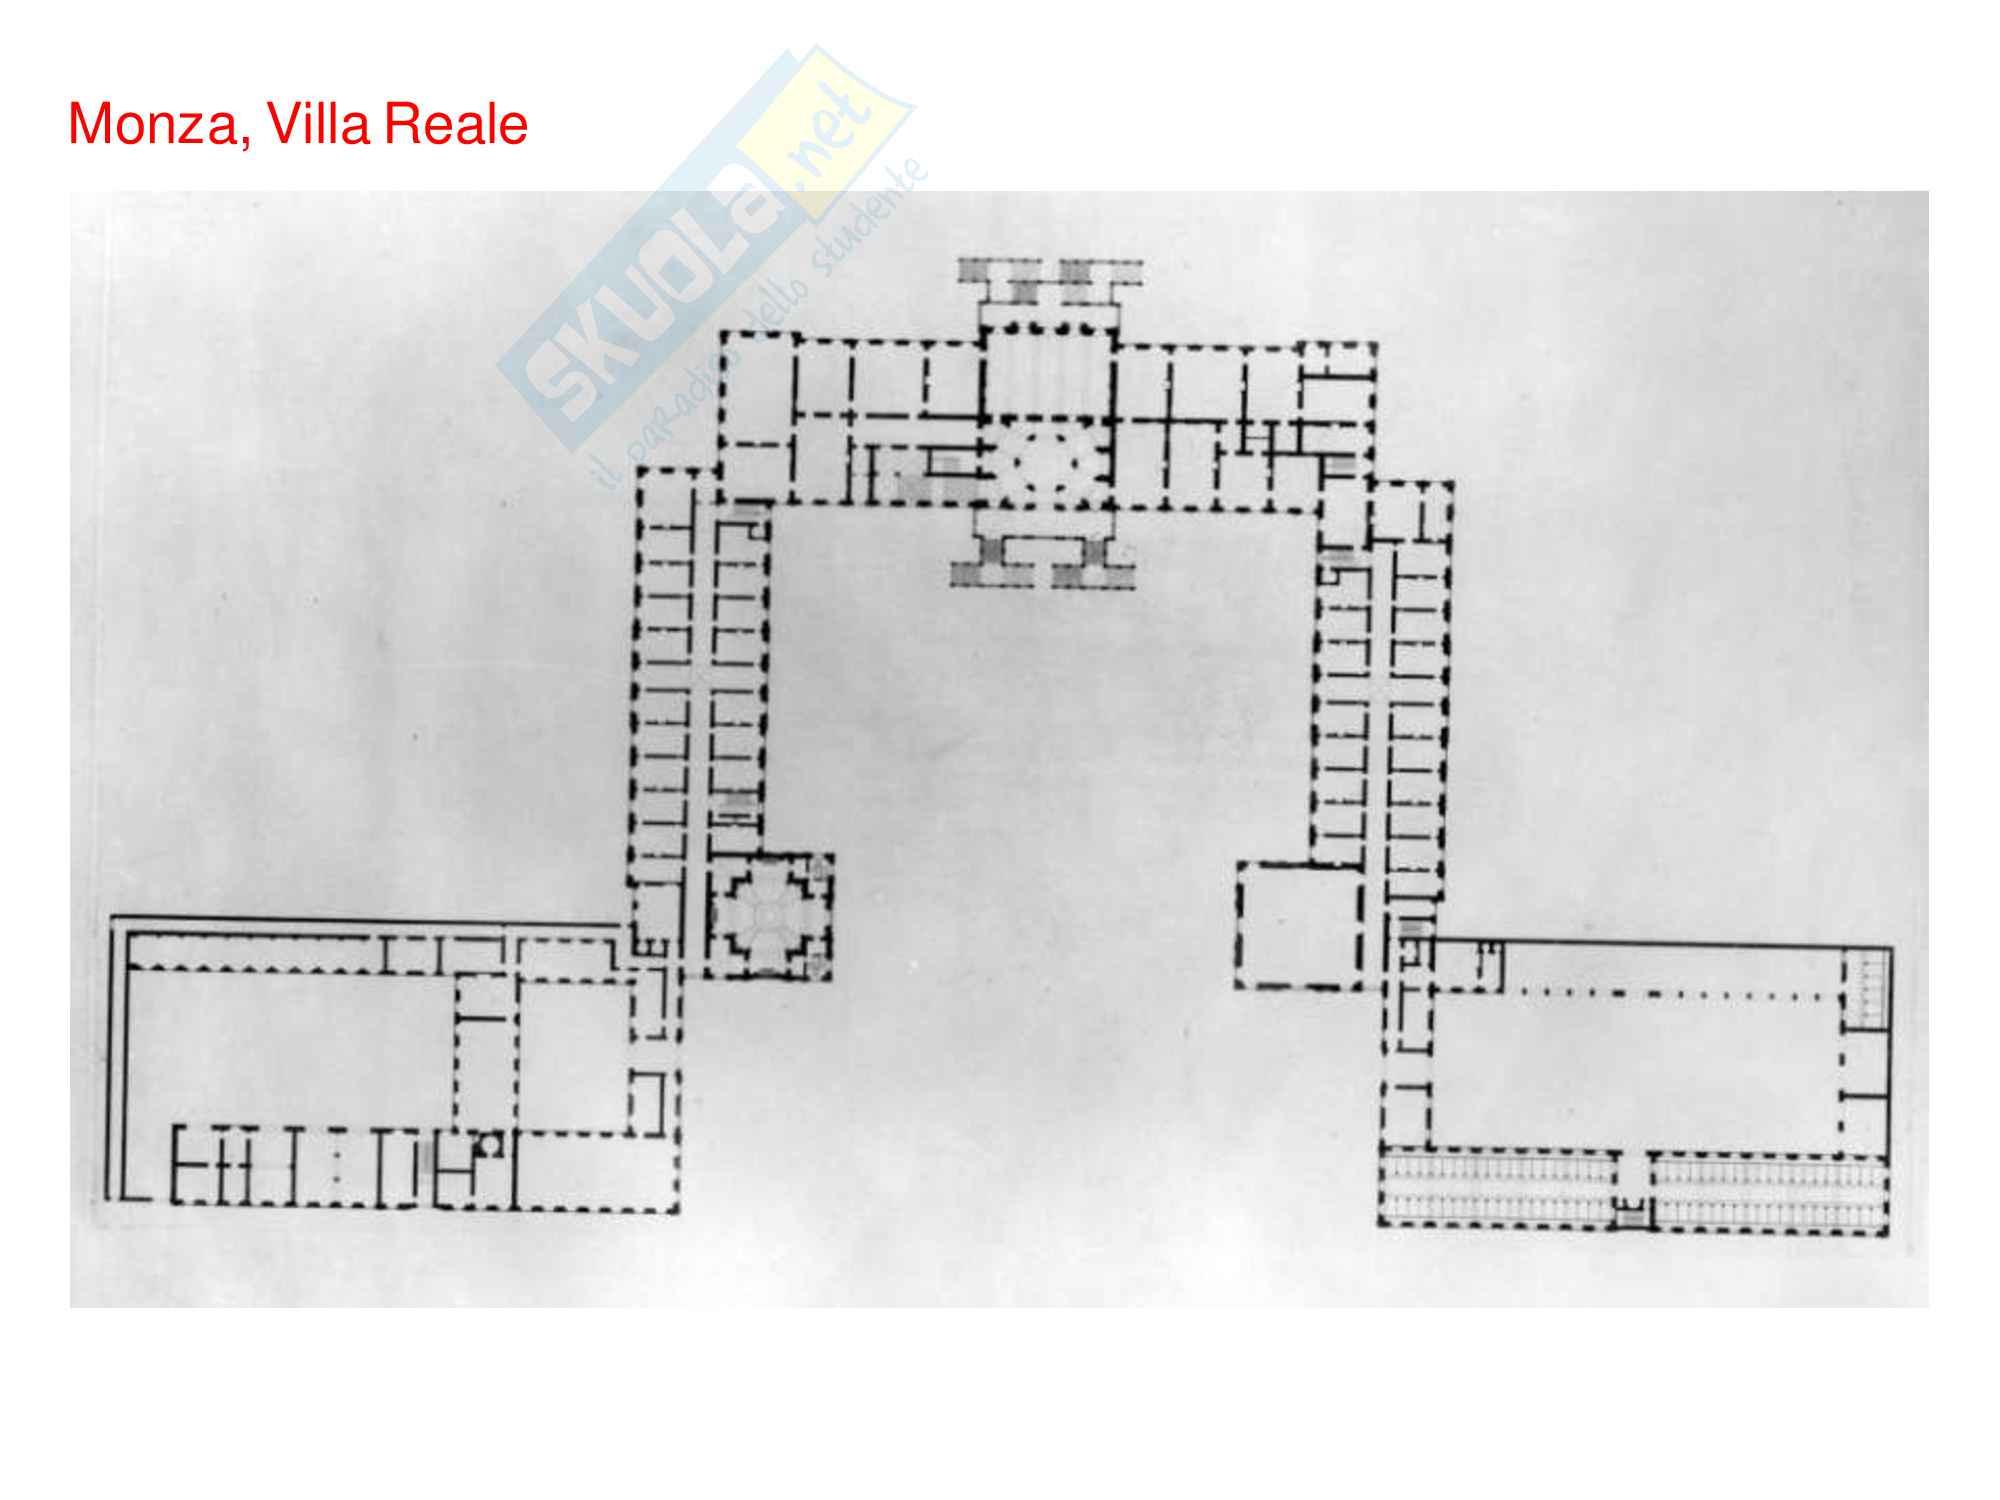 Storia dell'architettura e delle Tecniche Costruttive - Temi d'esame svolti Pag. 46